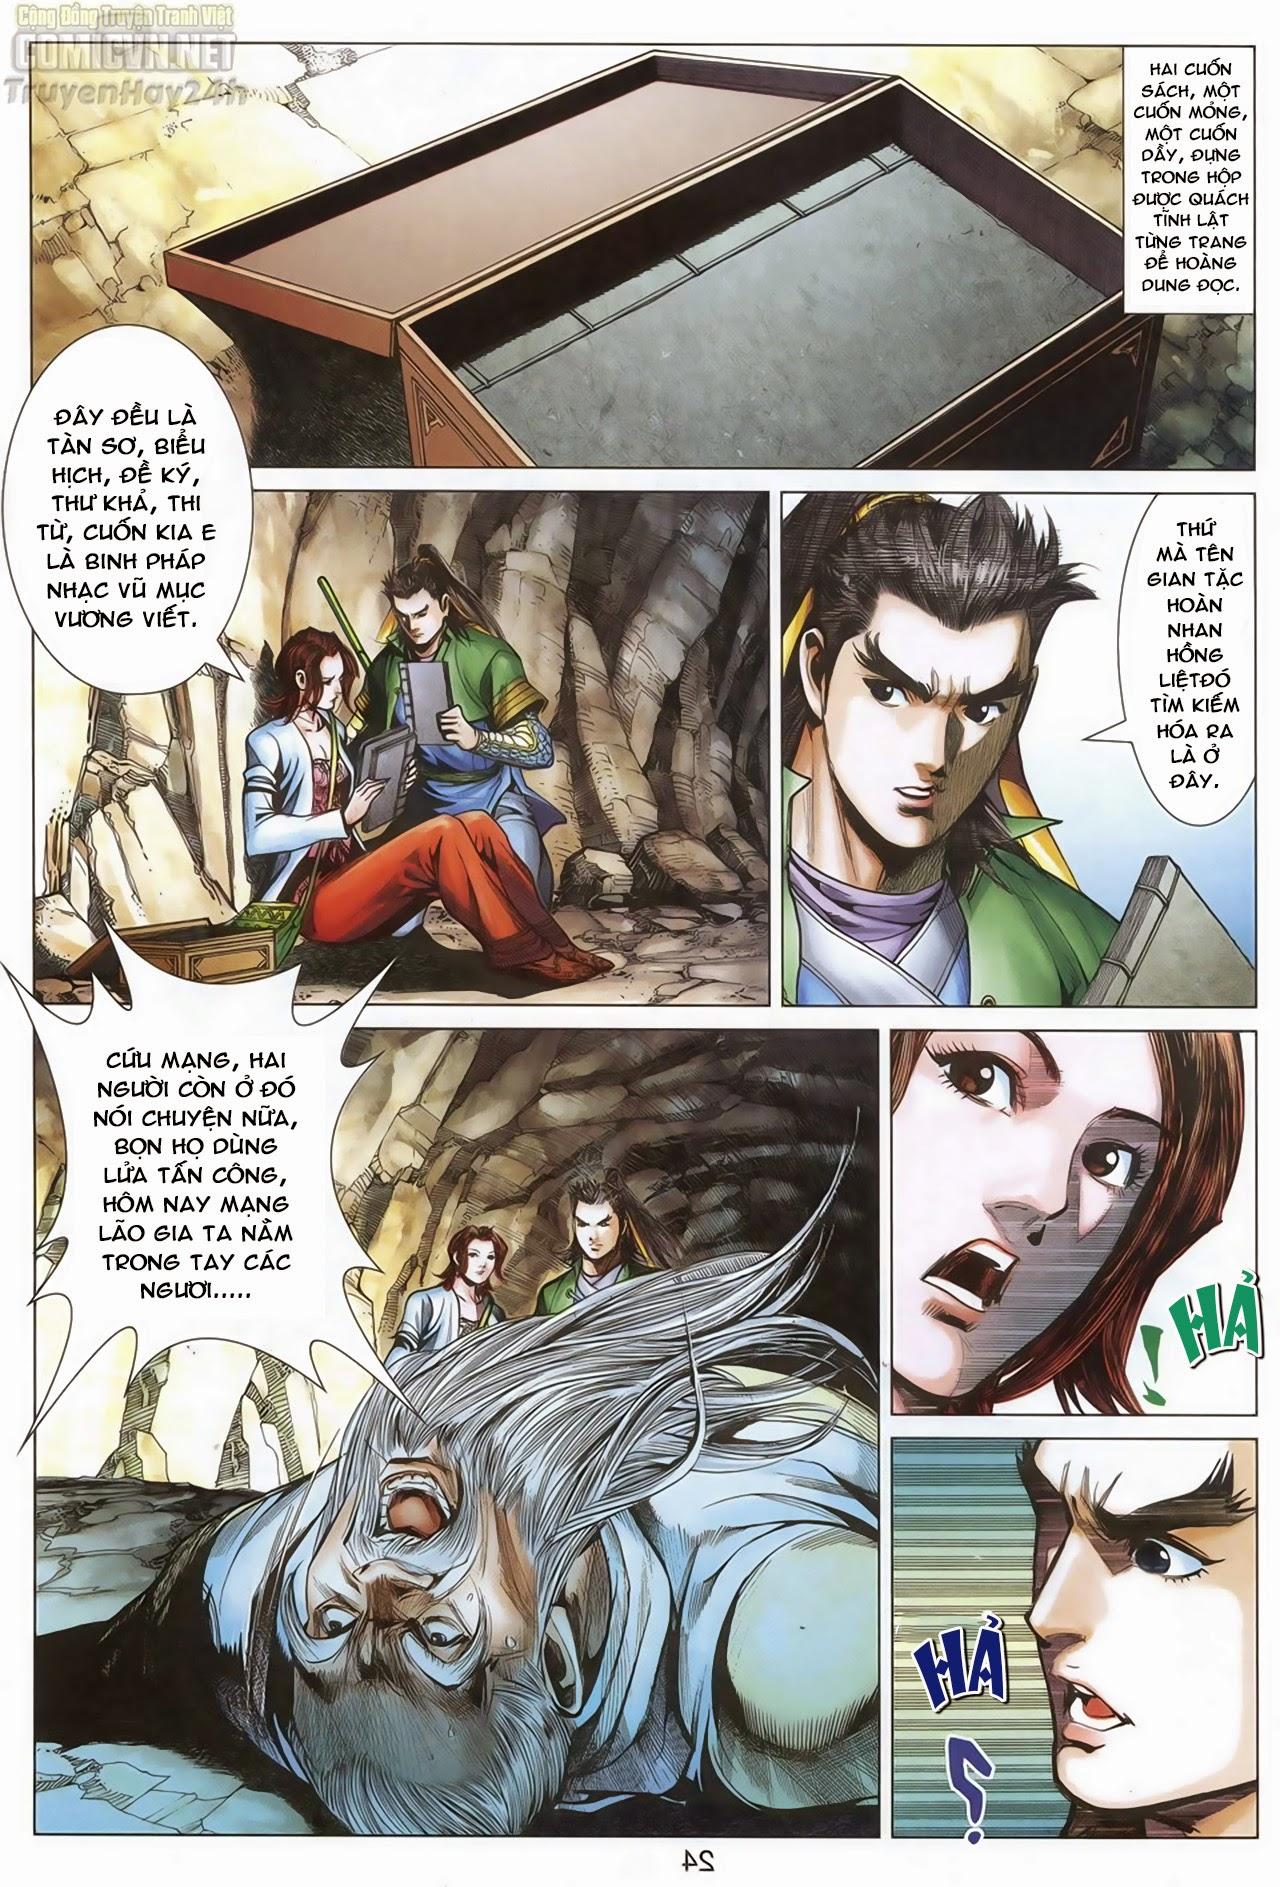 xem truyen moi - Anh Hùng Xạ Điêu - Chapter 69: Hồn đoạn Thiết Chưởng Phong